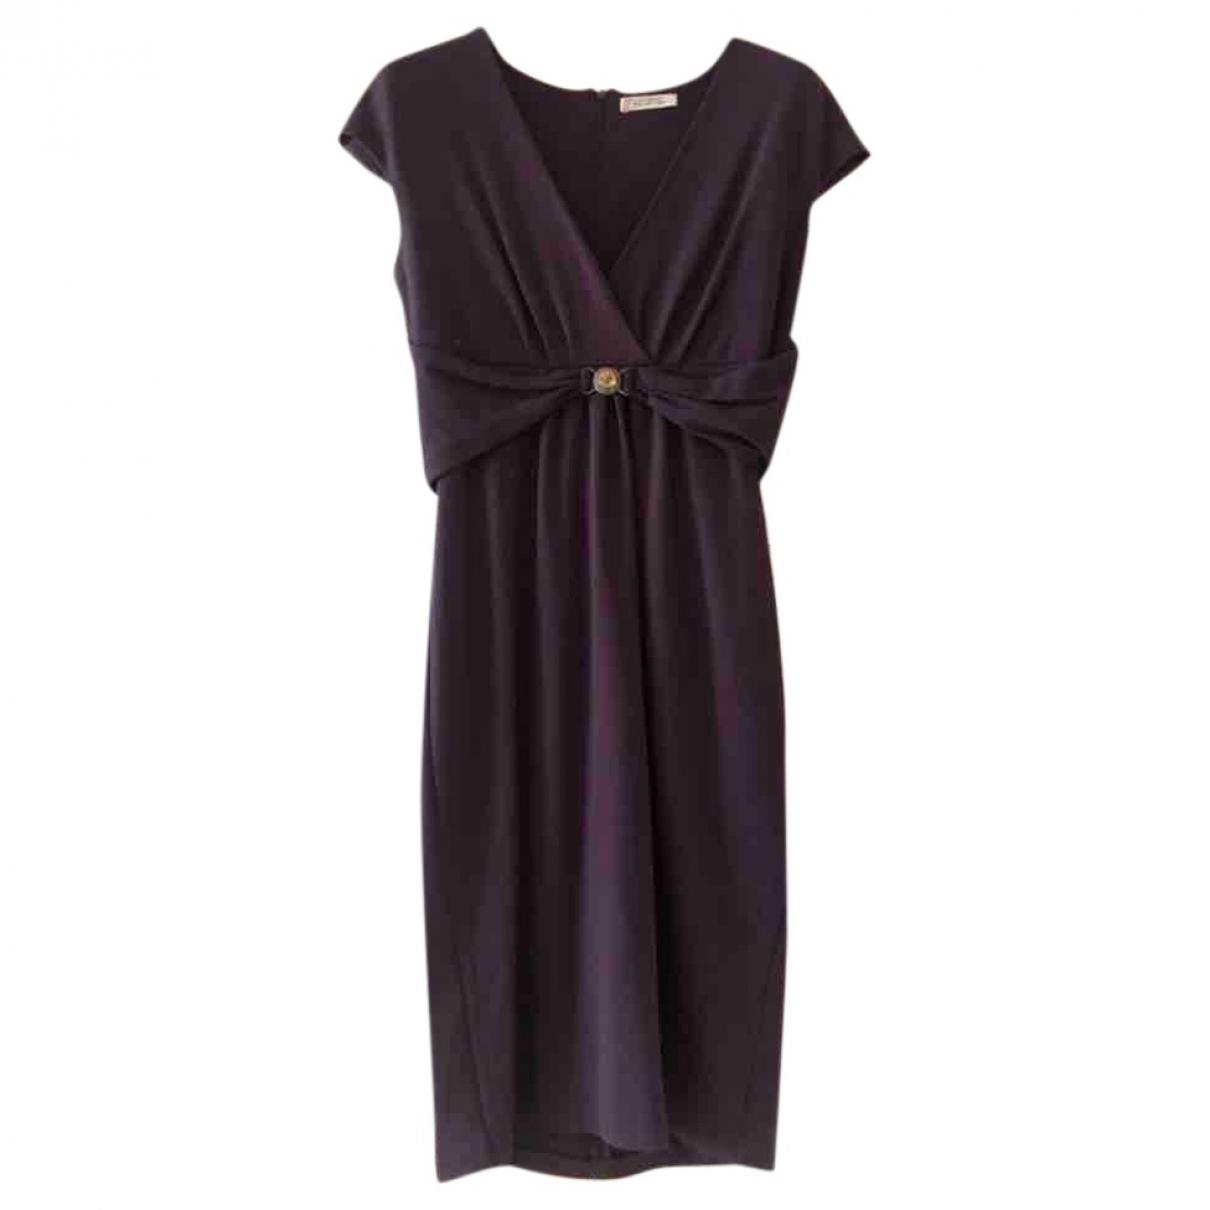 Versace - Robe   pour femme - bordeaux